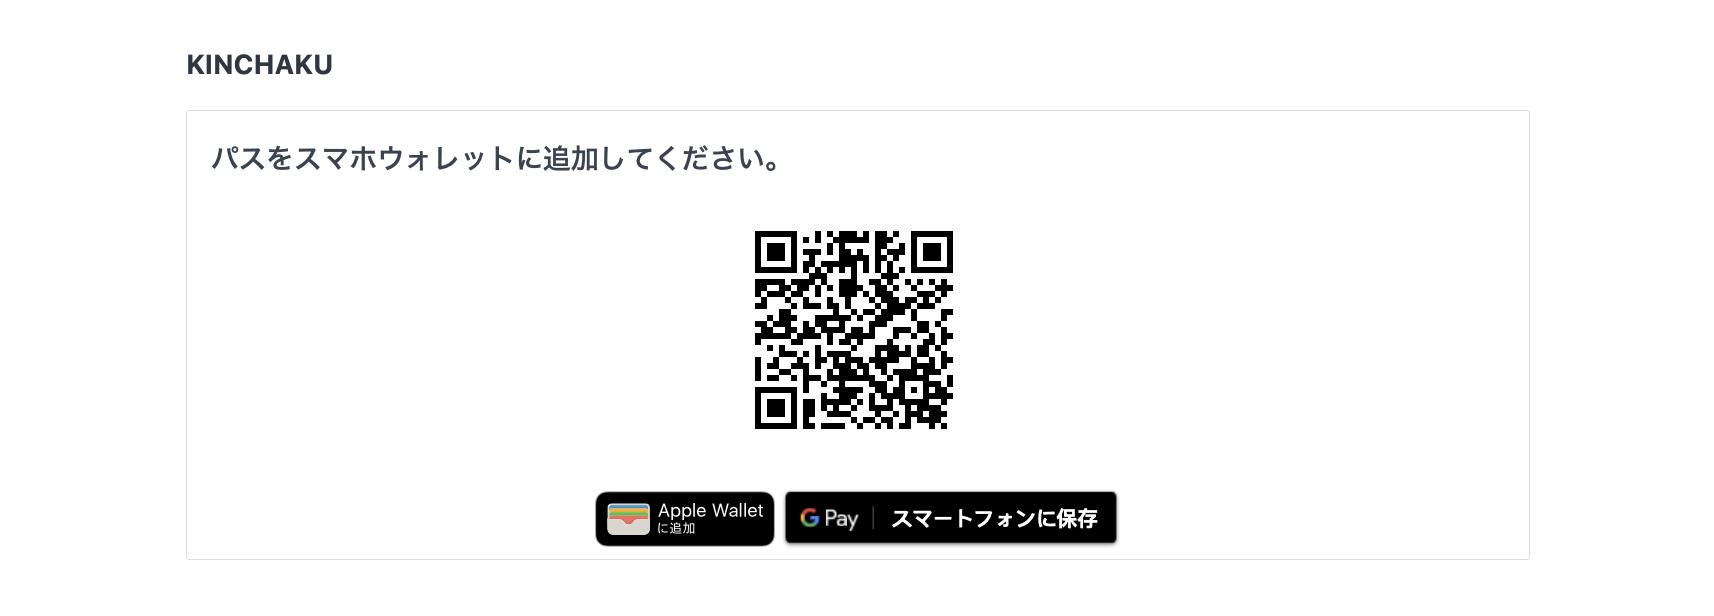 スタンプカードを入手用のページ